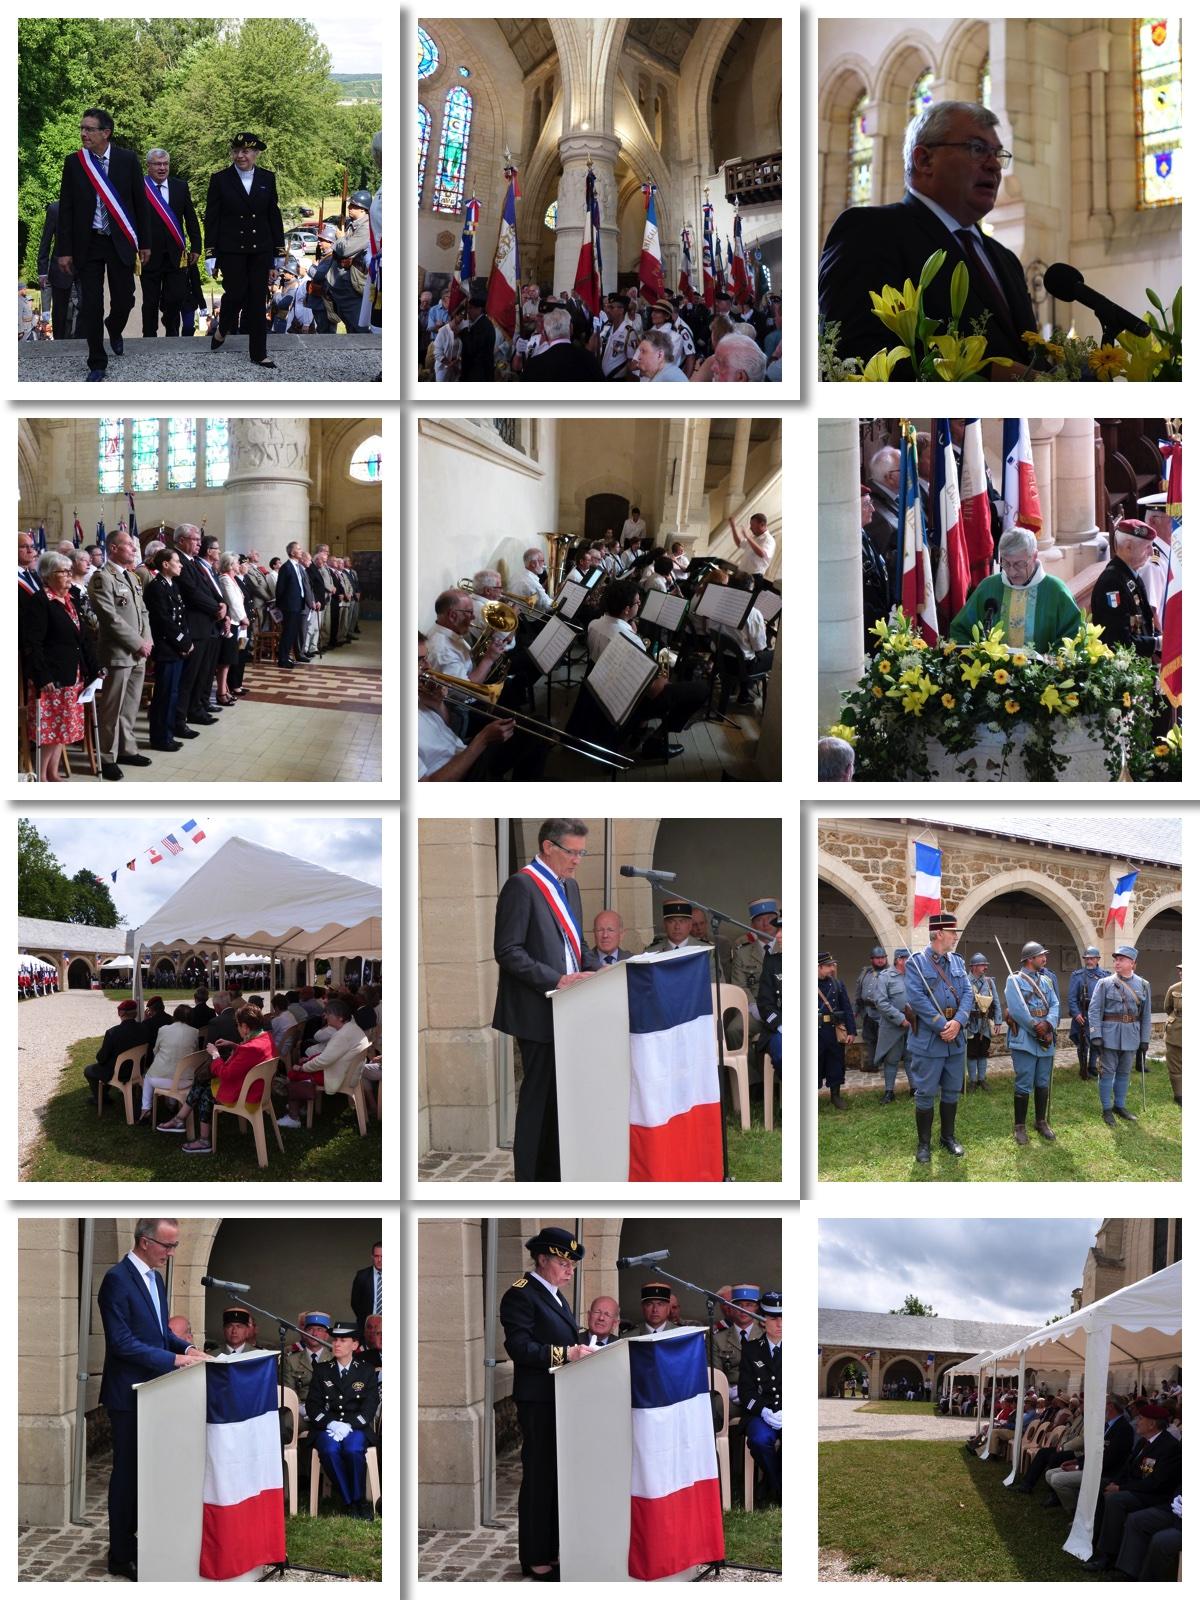 la 100e fête de la chapelle au Mémorial de Dormans le 7 juillet 2019